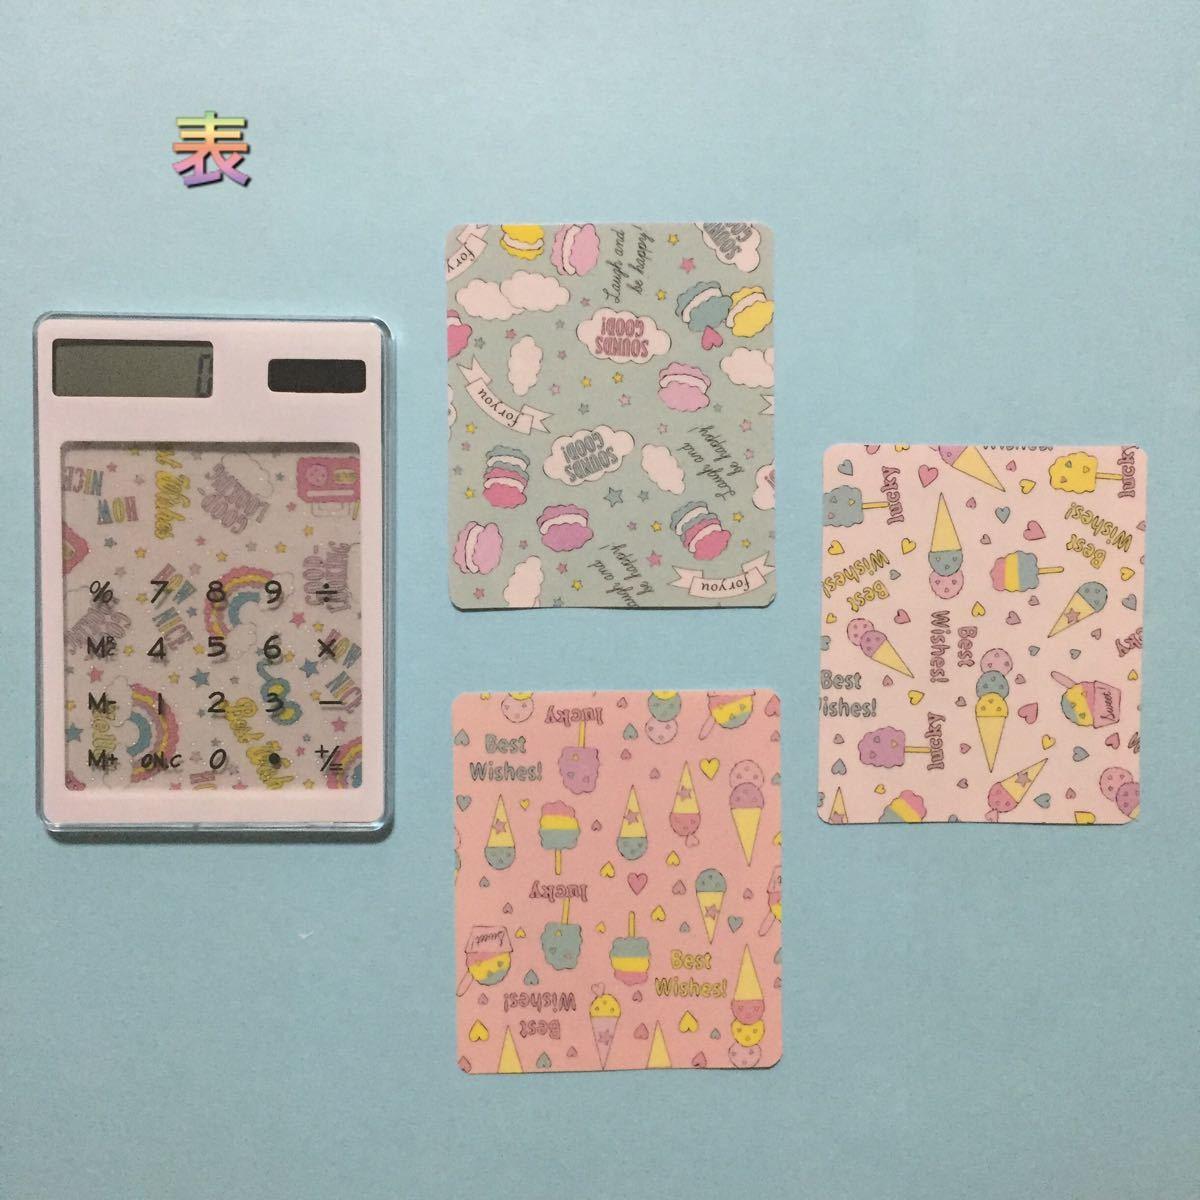 スケルトン電卓 & 入れ替えカード (7) ●まとめ割引対象商品●